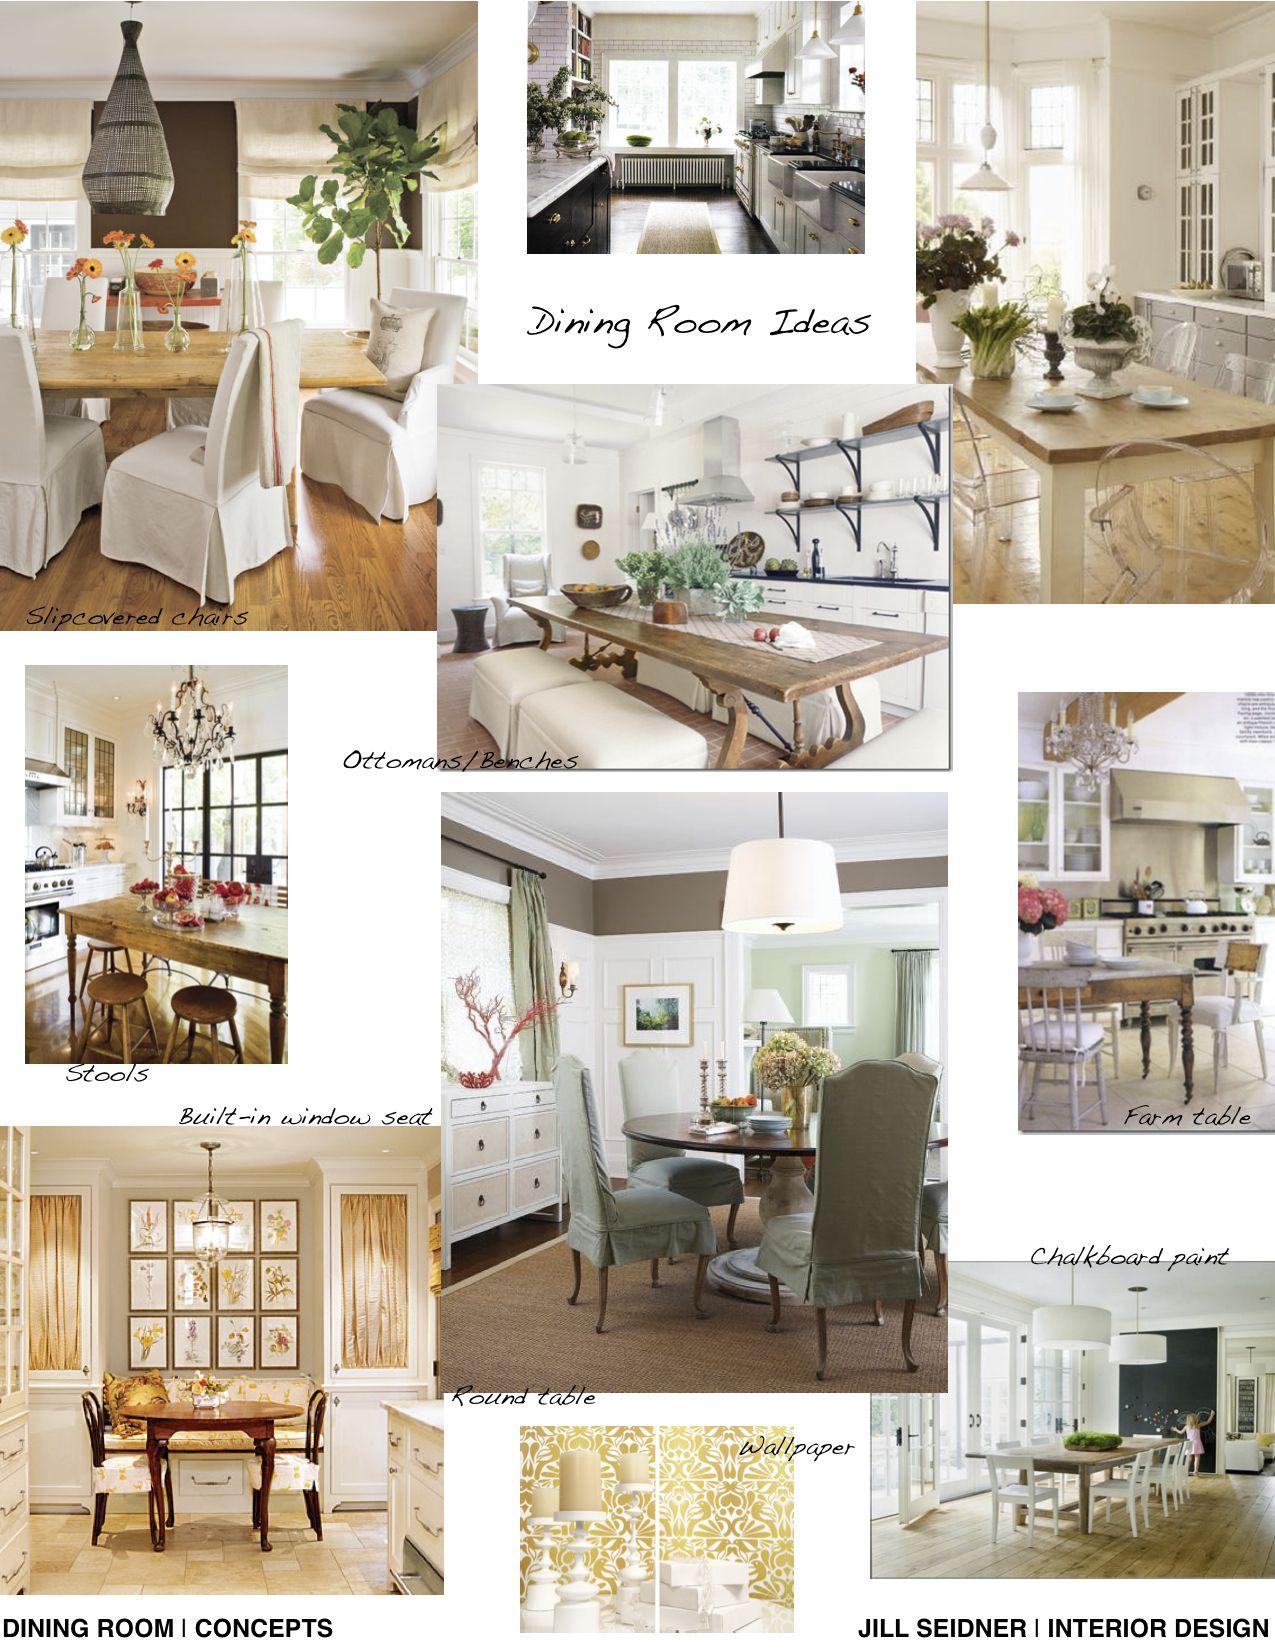 concept board for dining room. | jill seidner interior design